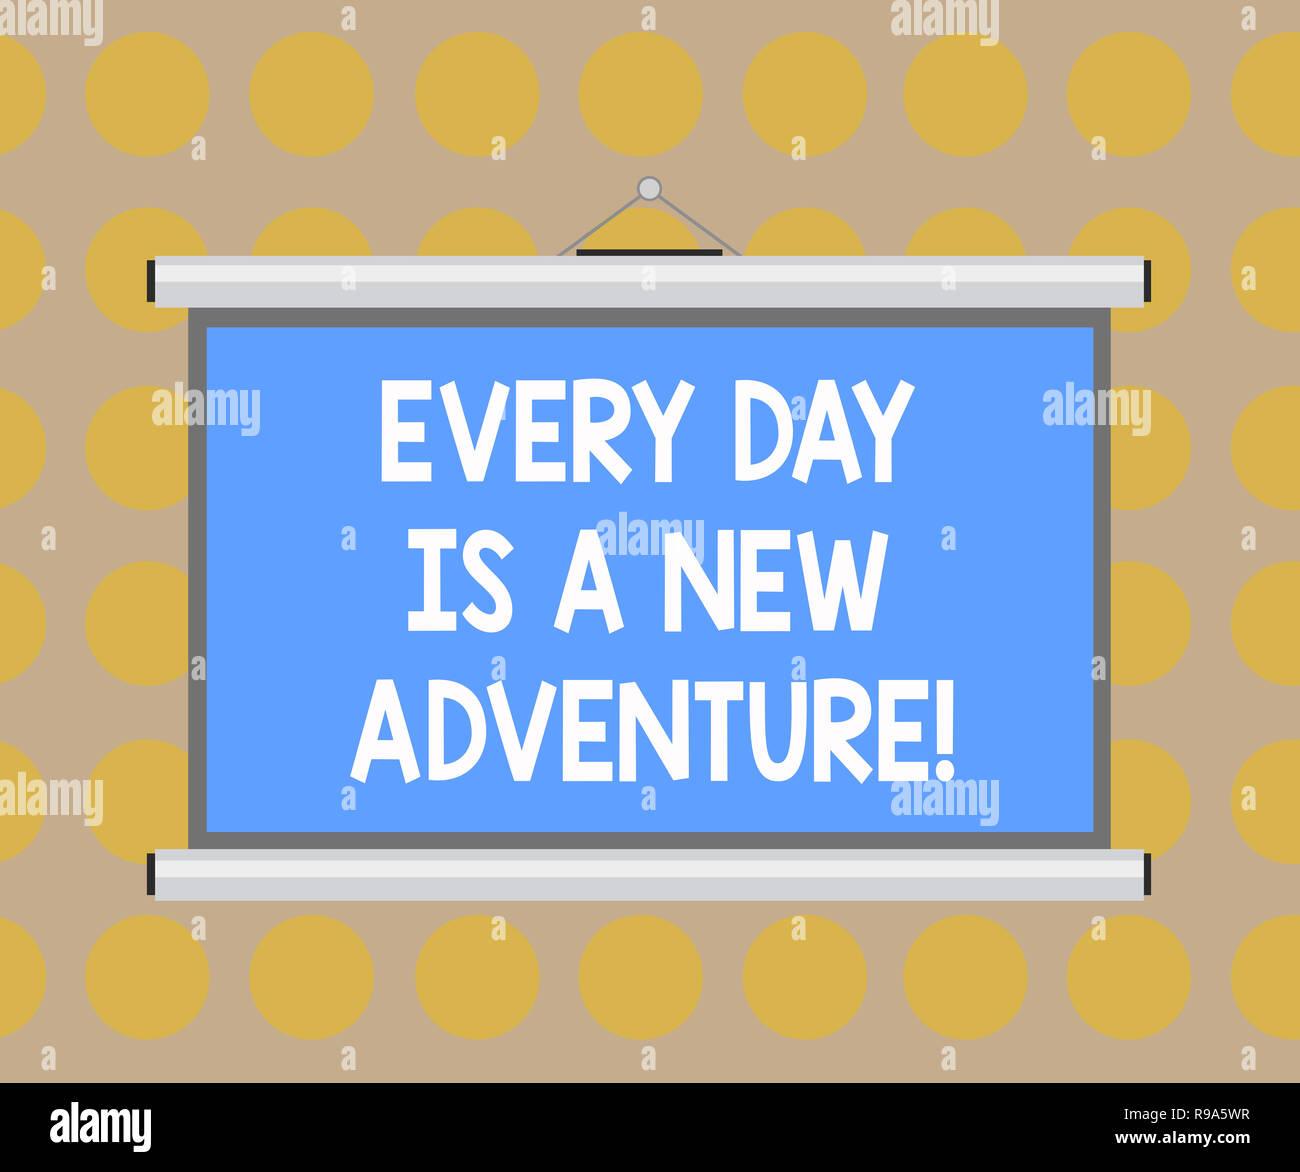 Escritura de texto Word cada día es una nueva aventura. Concepto de negocio para empezar el día con positivismo motivación pared portátil colgado proyección en blanco Imagen De Stock